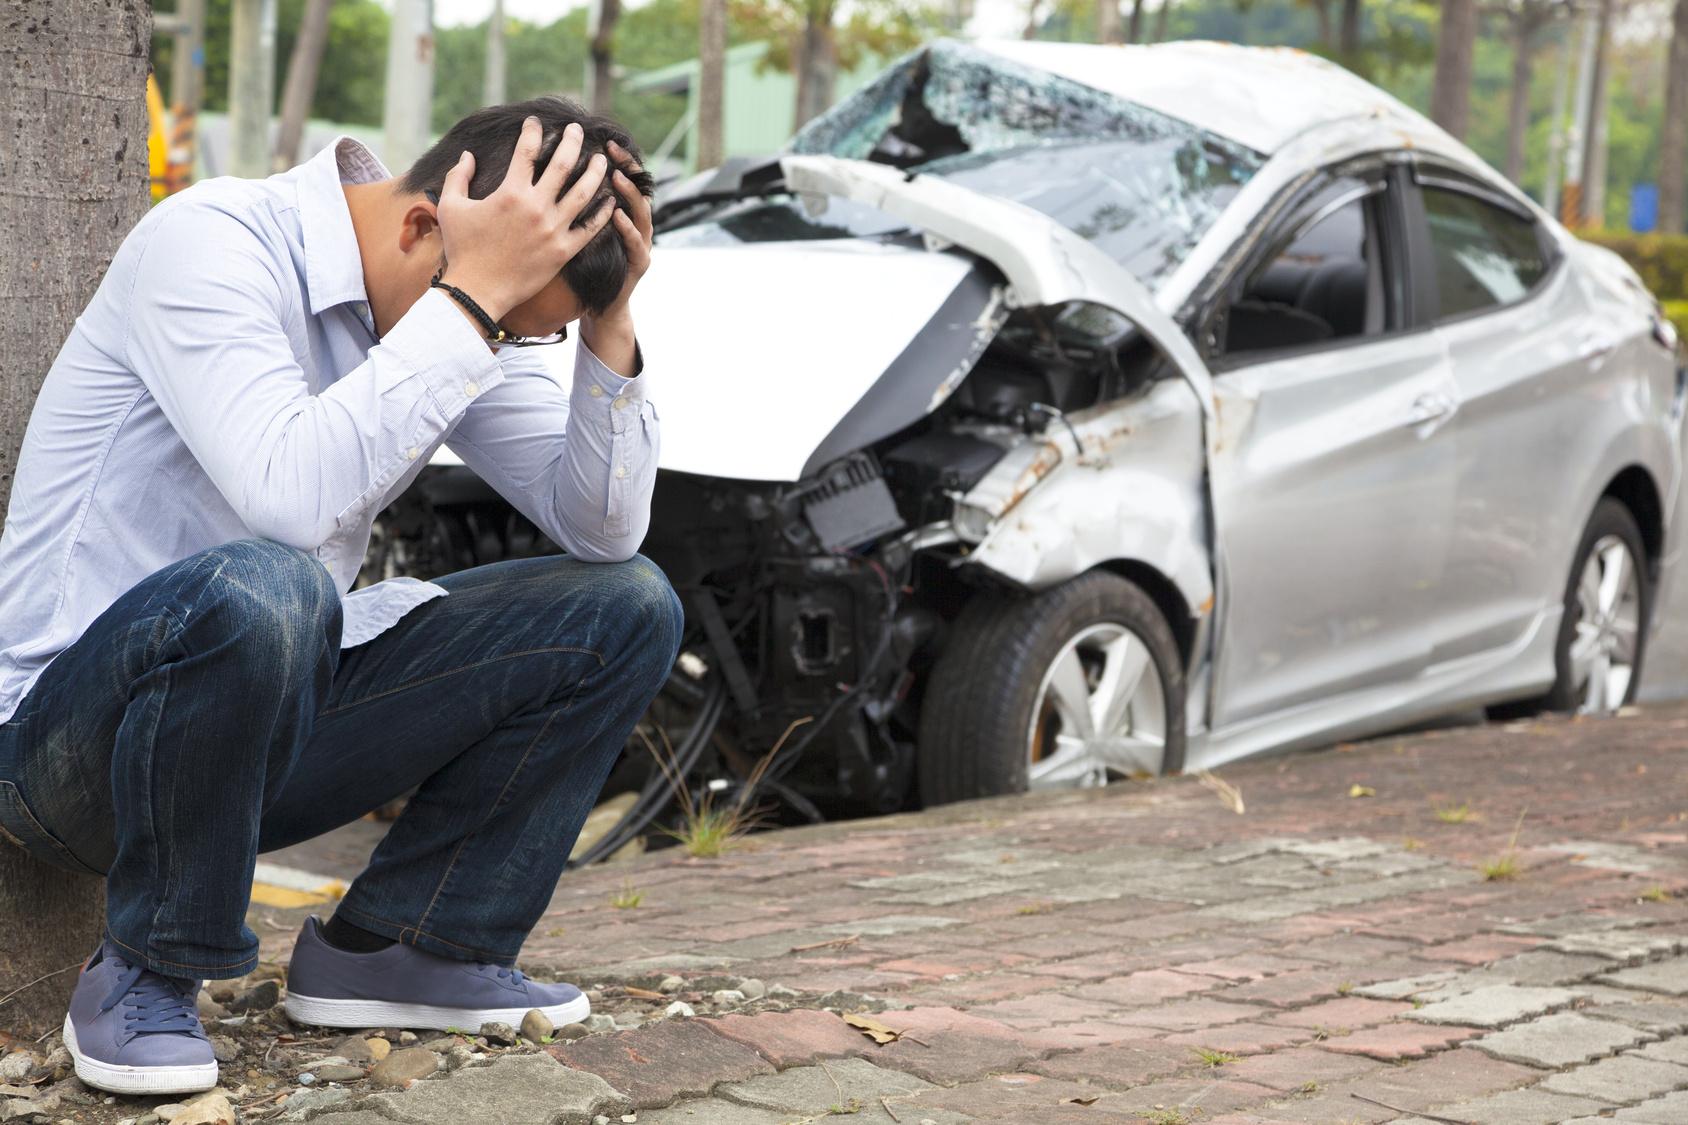 Miałeś Wypadek Komunikacyjny I Nie Wiesz Co Dalej? Sprawdź Jak Dostać Odszkodowanie Z Polisy AC